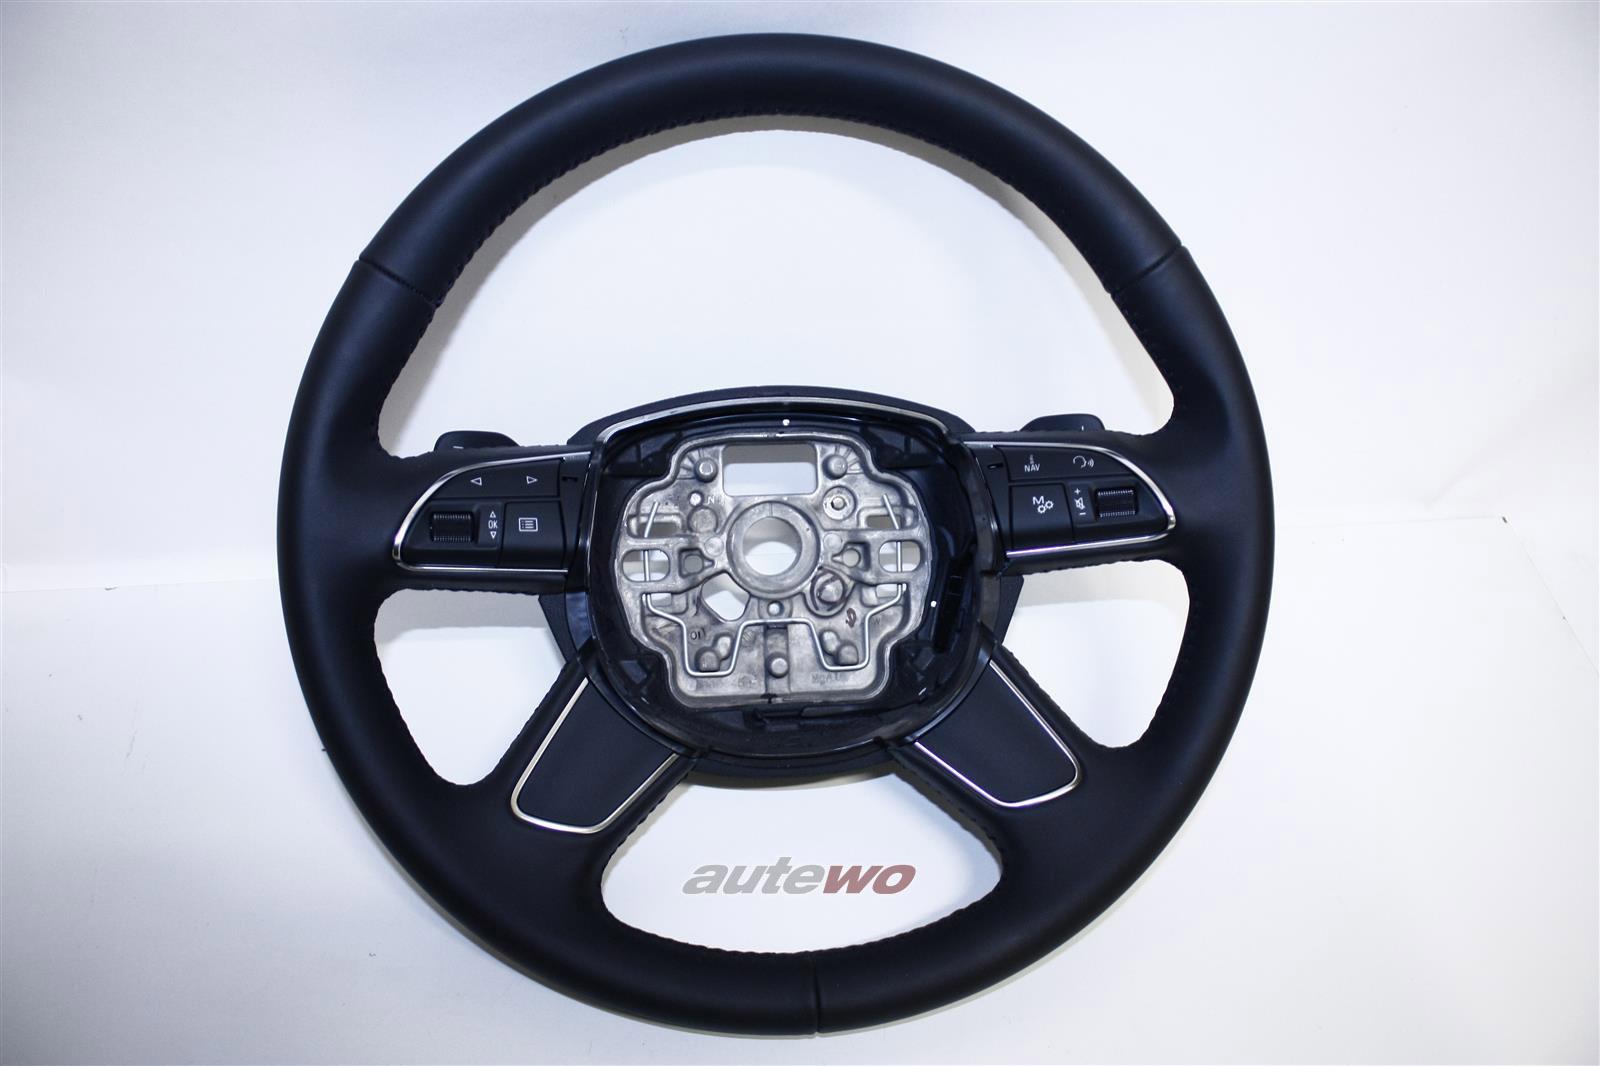 4H0419091AB NEU Audi A8 D4 Leder-Lenkrad 1KT soul schwarz